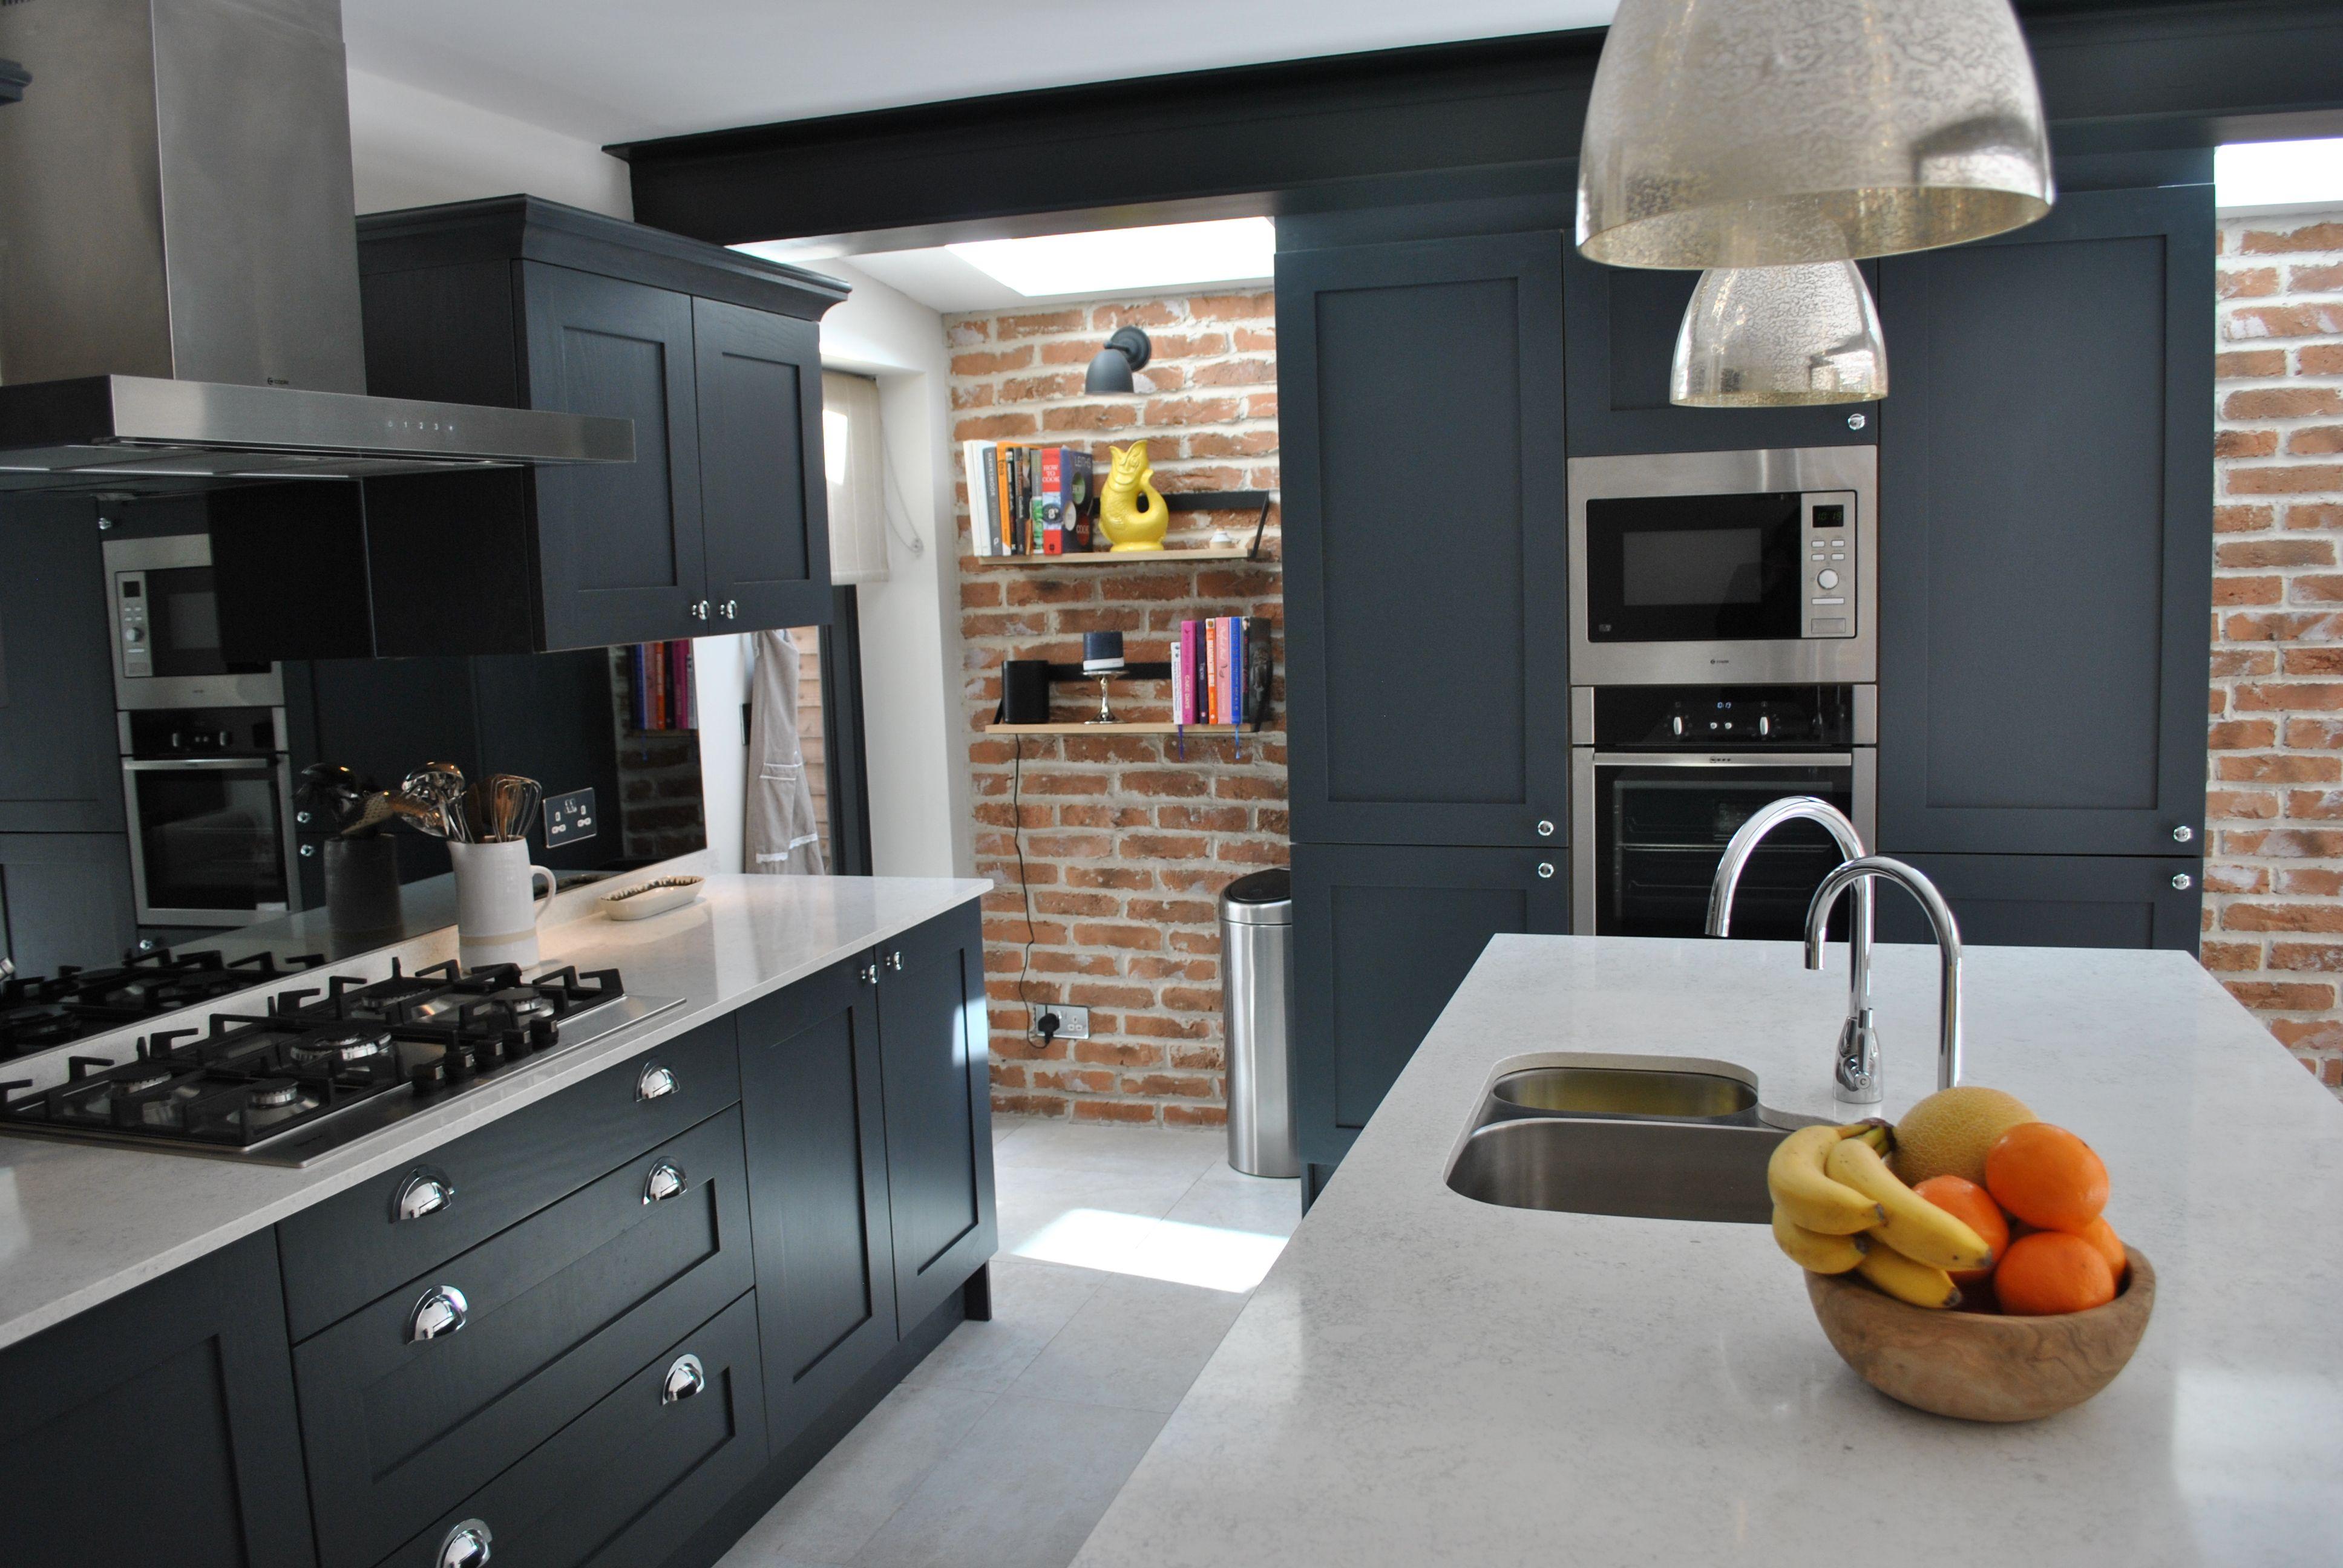 Clapham Shaker Kitchen: Modern Shaker Kitchen In Dark Slate Blue Looks Stunning